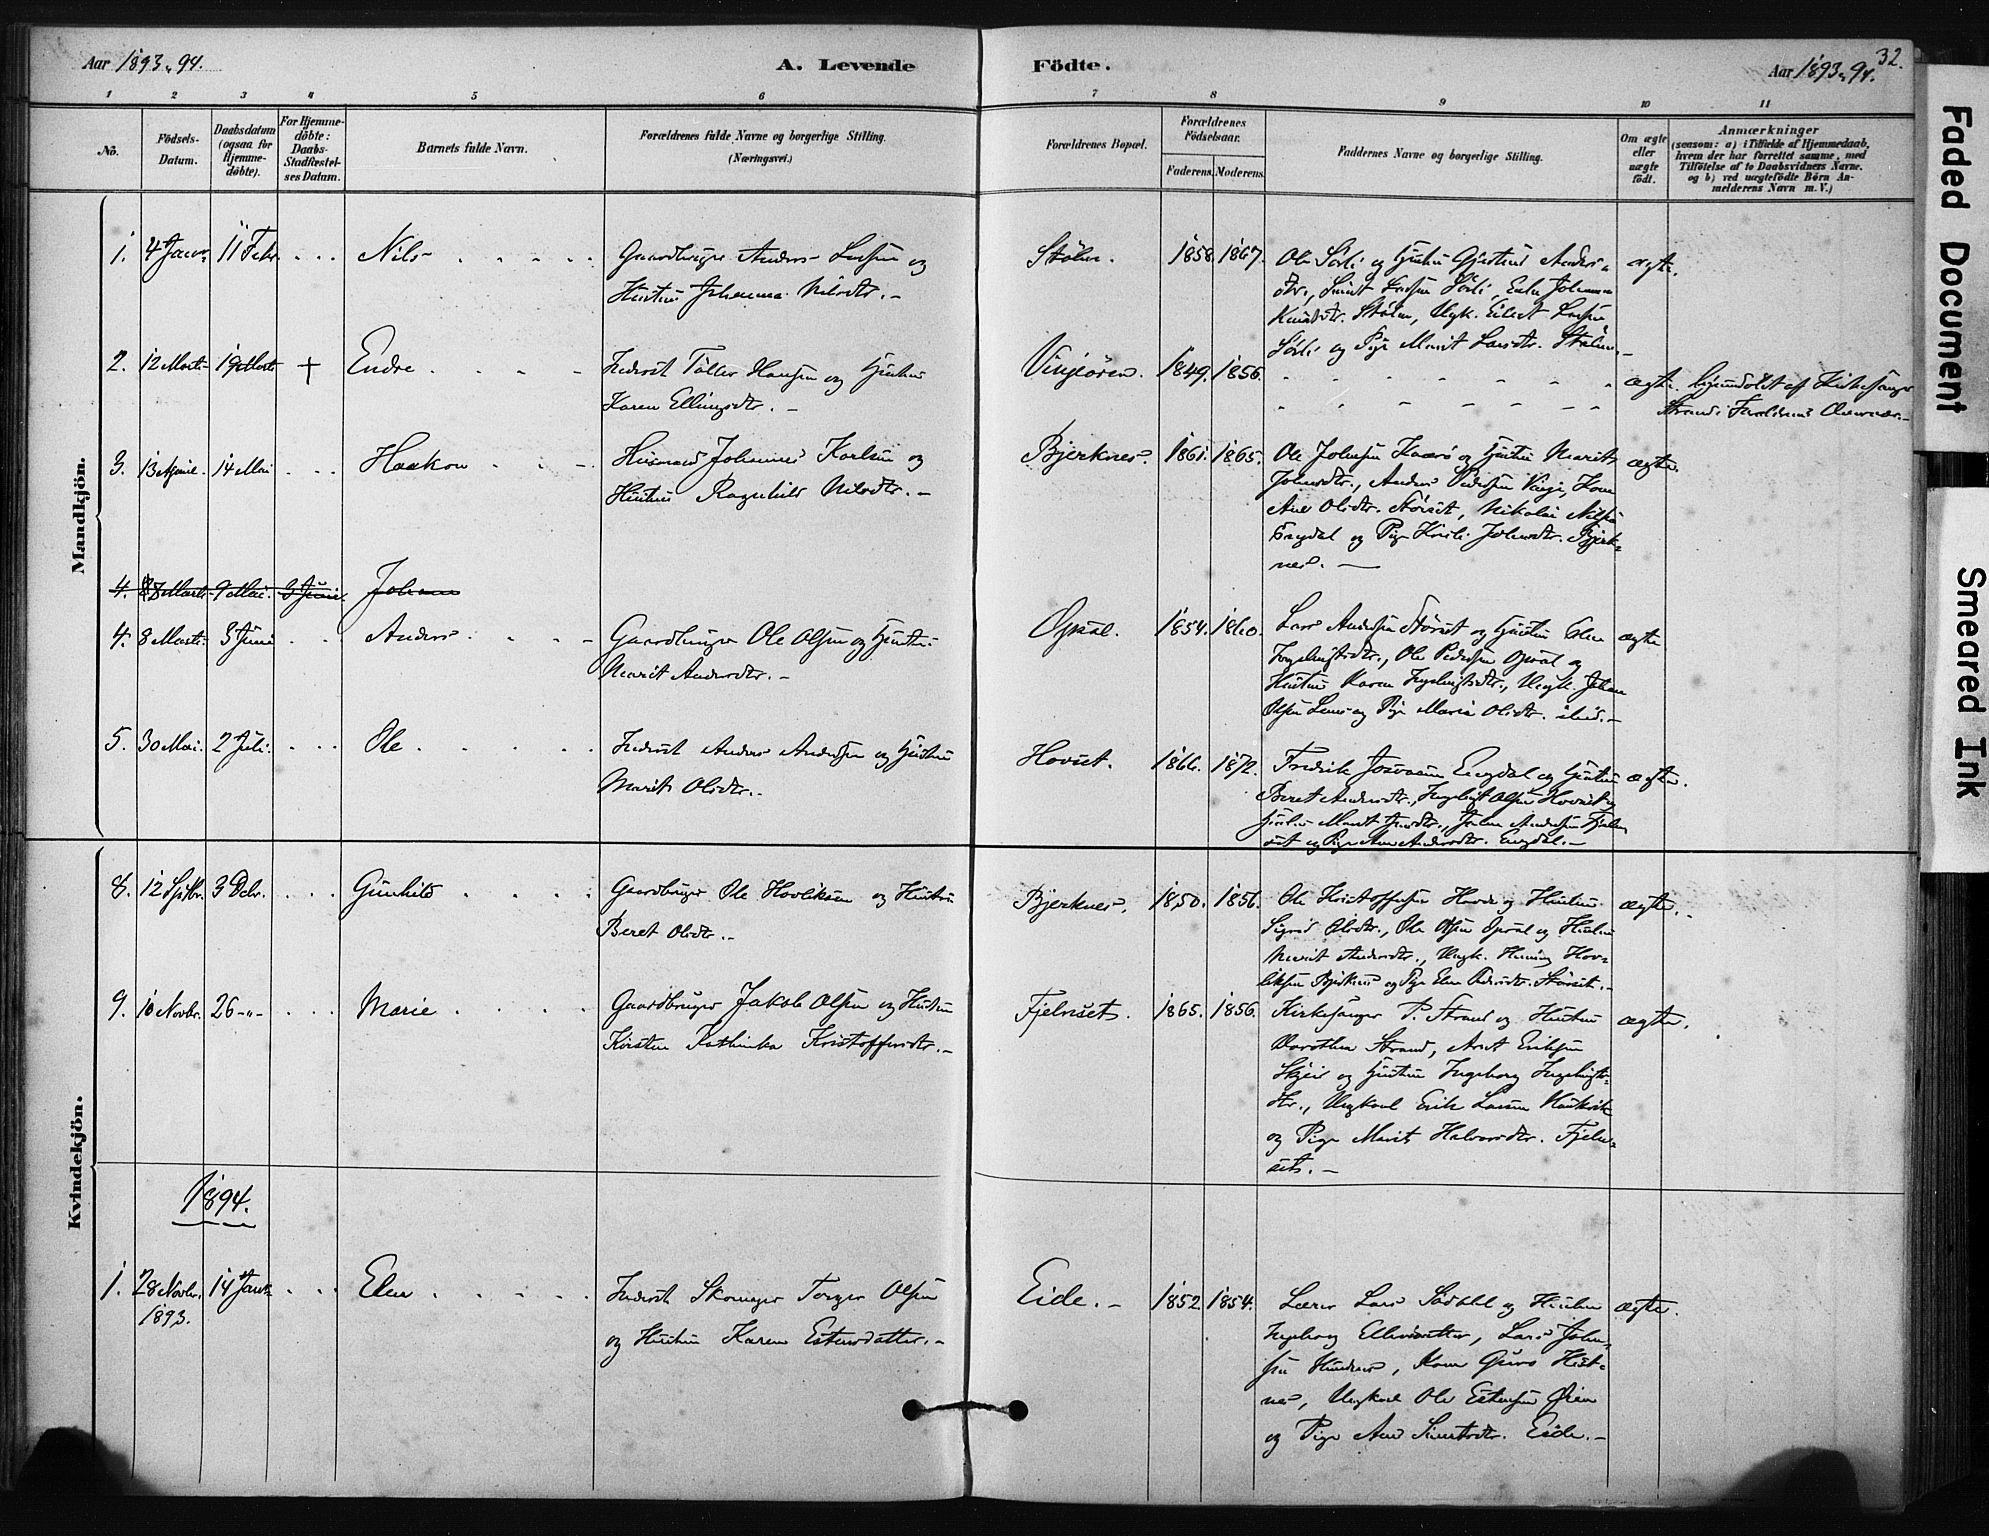 SAT, Ministerialprotokoller, klokkerbøker og fødselsregistre - Sør-Trøndelag, 631/L0512: Ministerialbok nr. 631A01, 1879-1912, s. 32